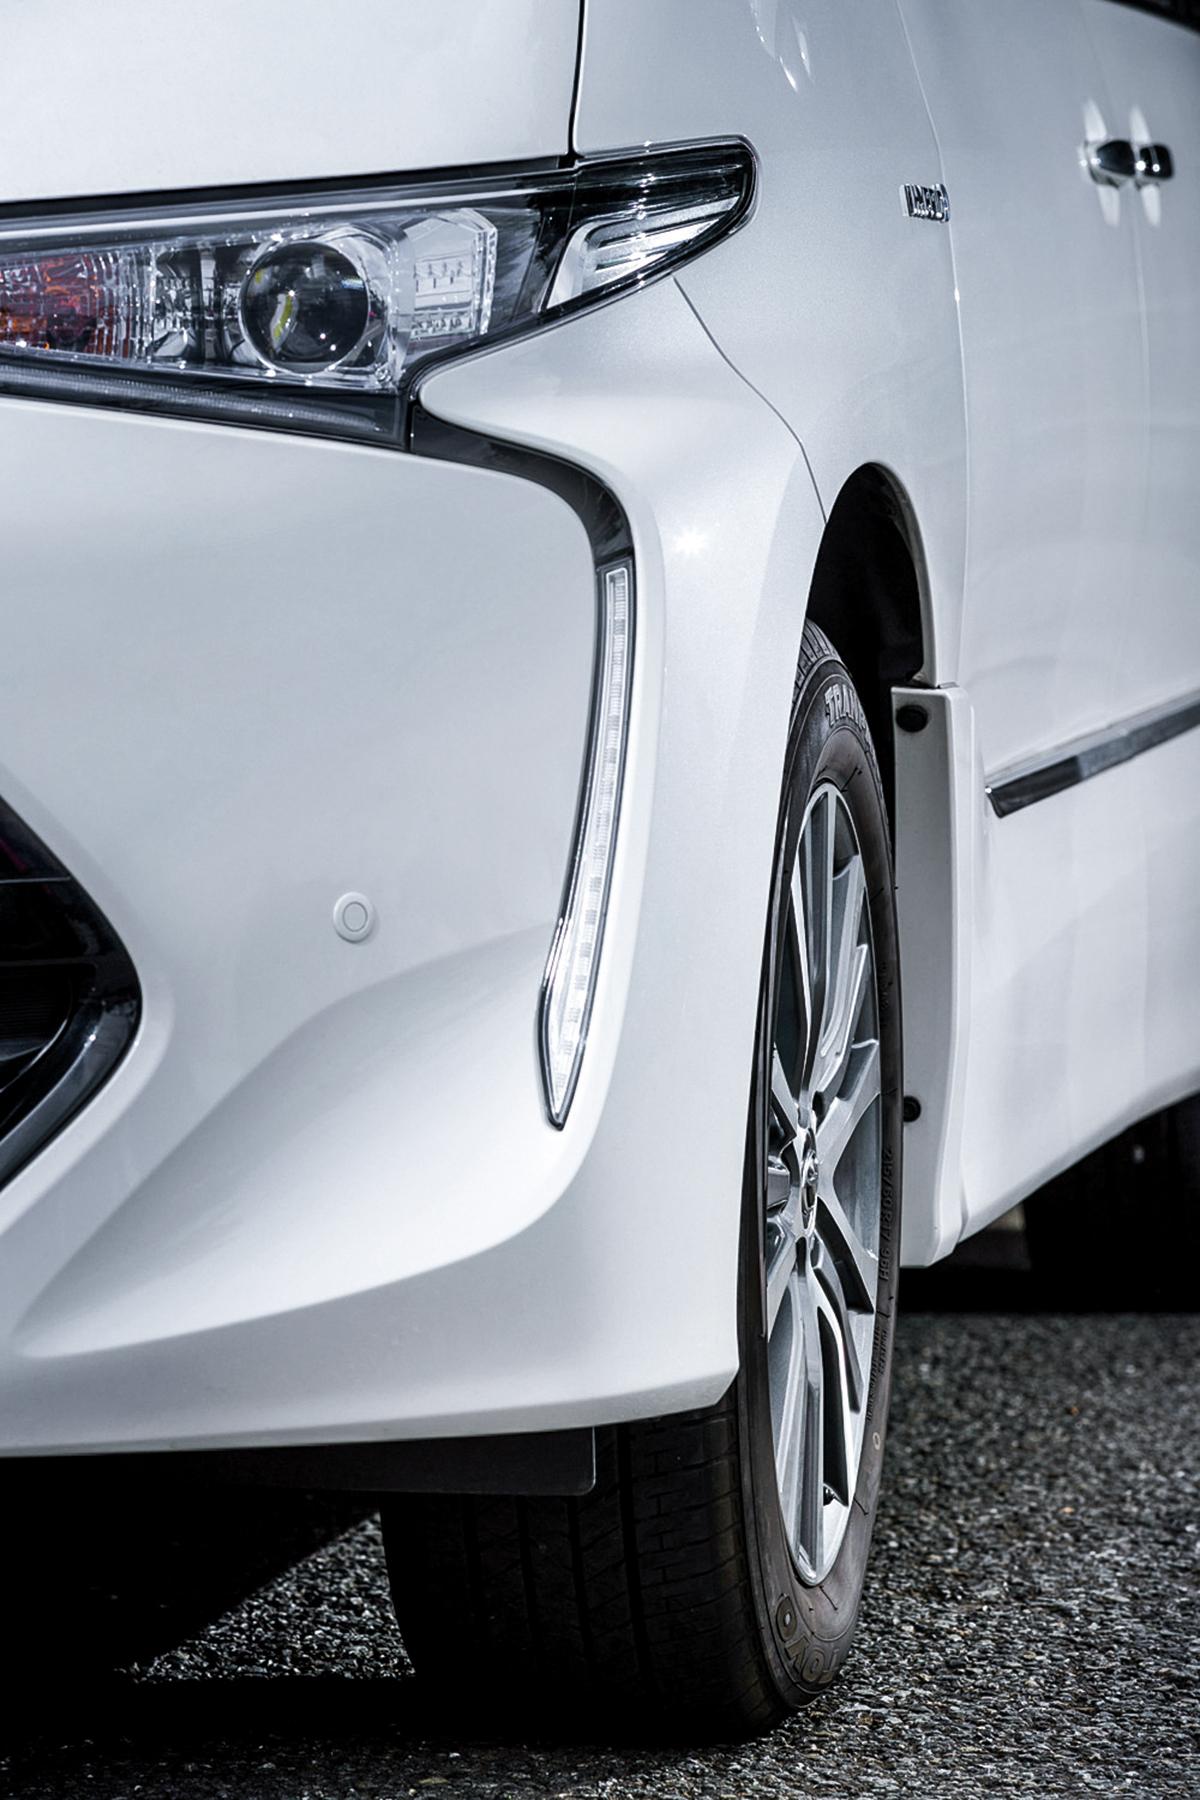 トヨタ&レクサス純正ホイール用スペーサーは防犯性もプラス!